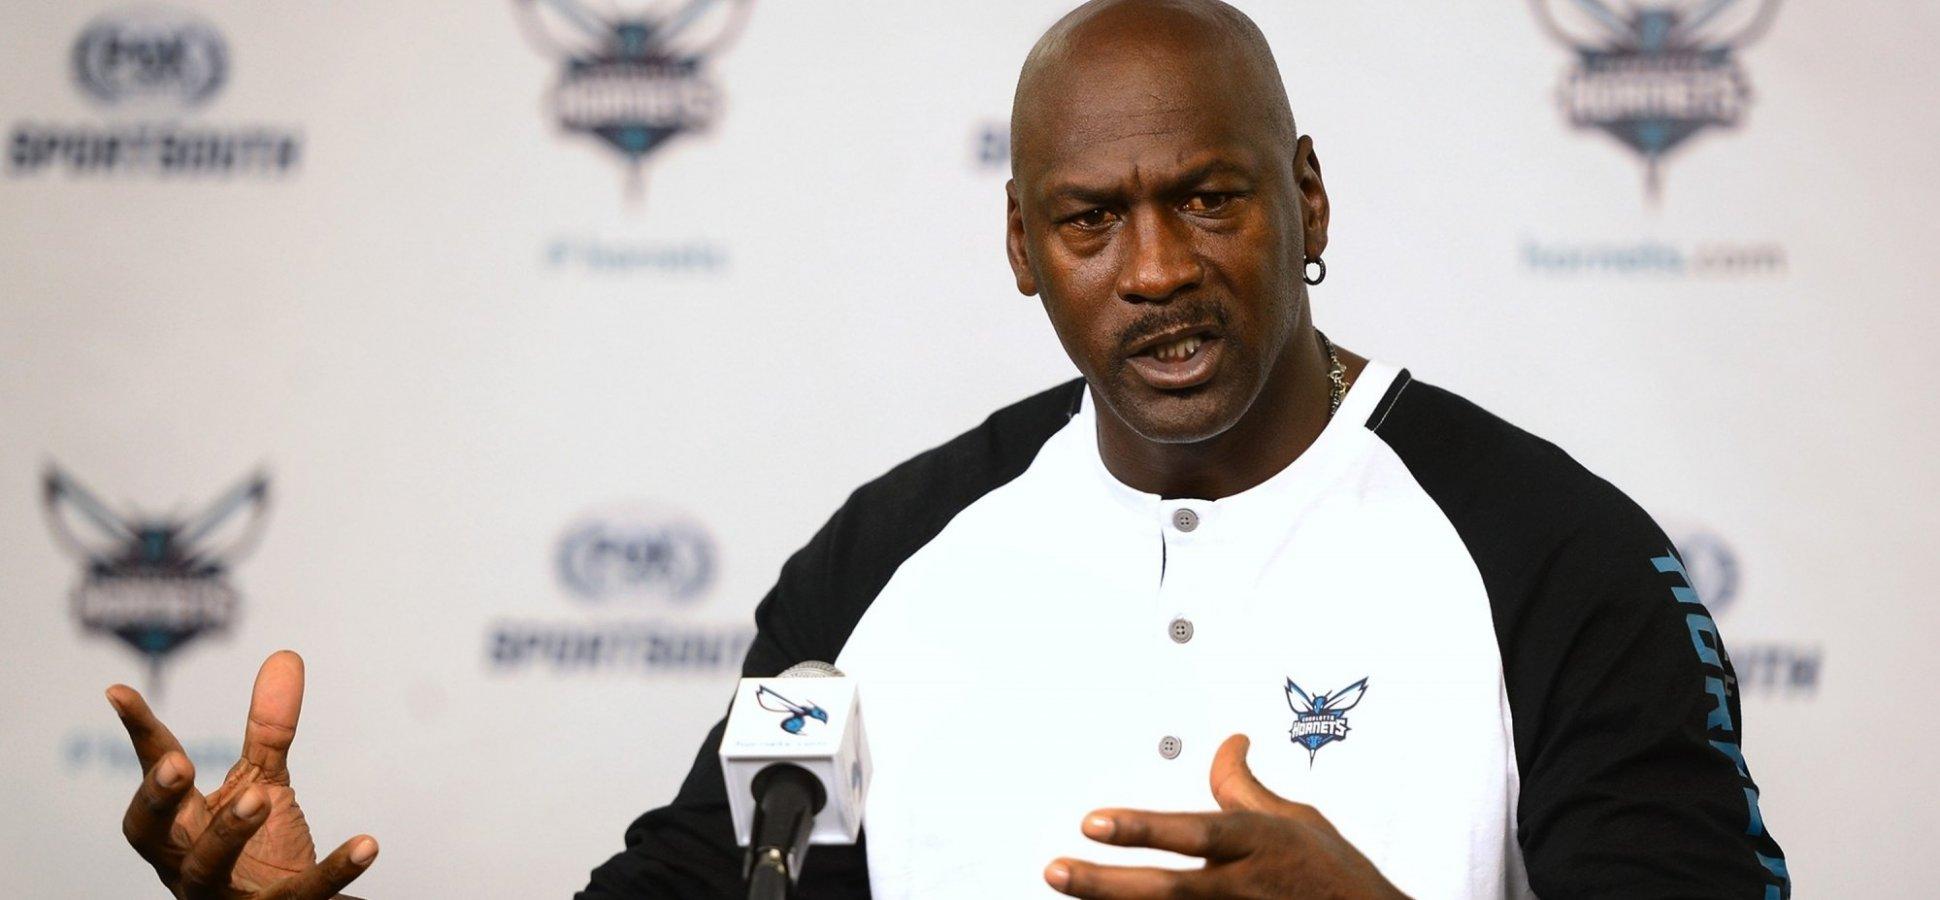 nagybani jól ismert első ránézésre NBA Great Michael Jordan Is a Bad Leader. Here's Why   Inc.com